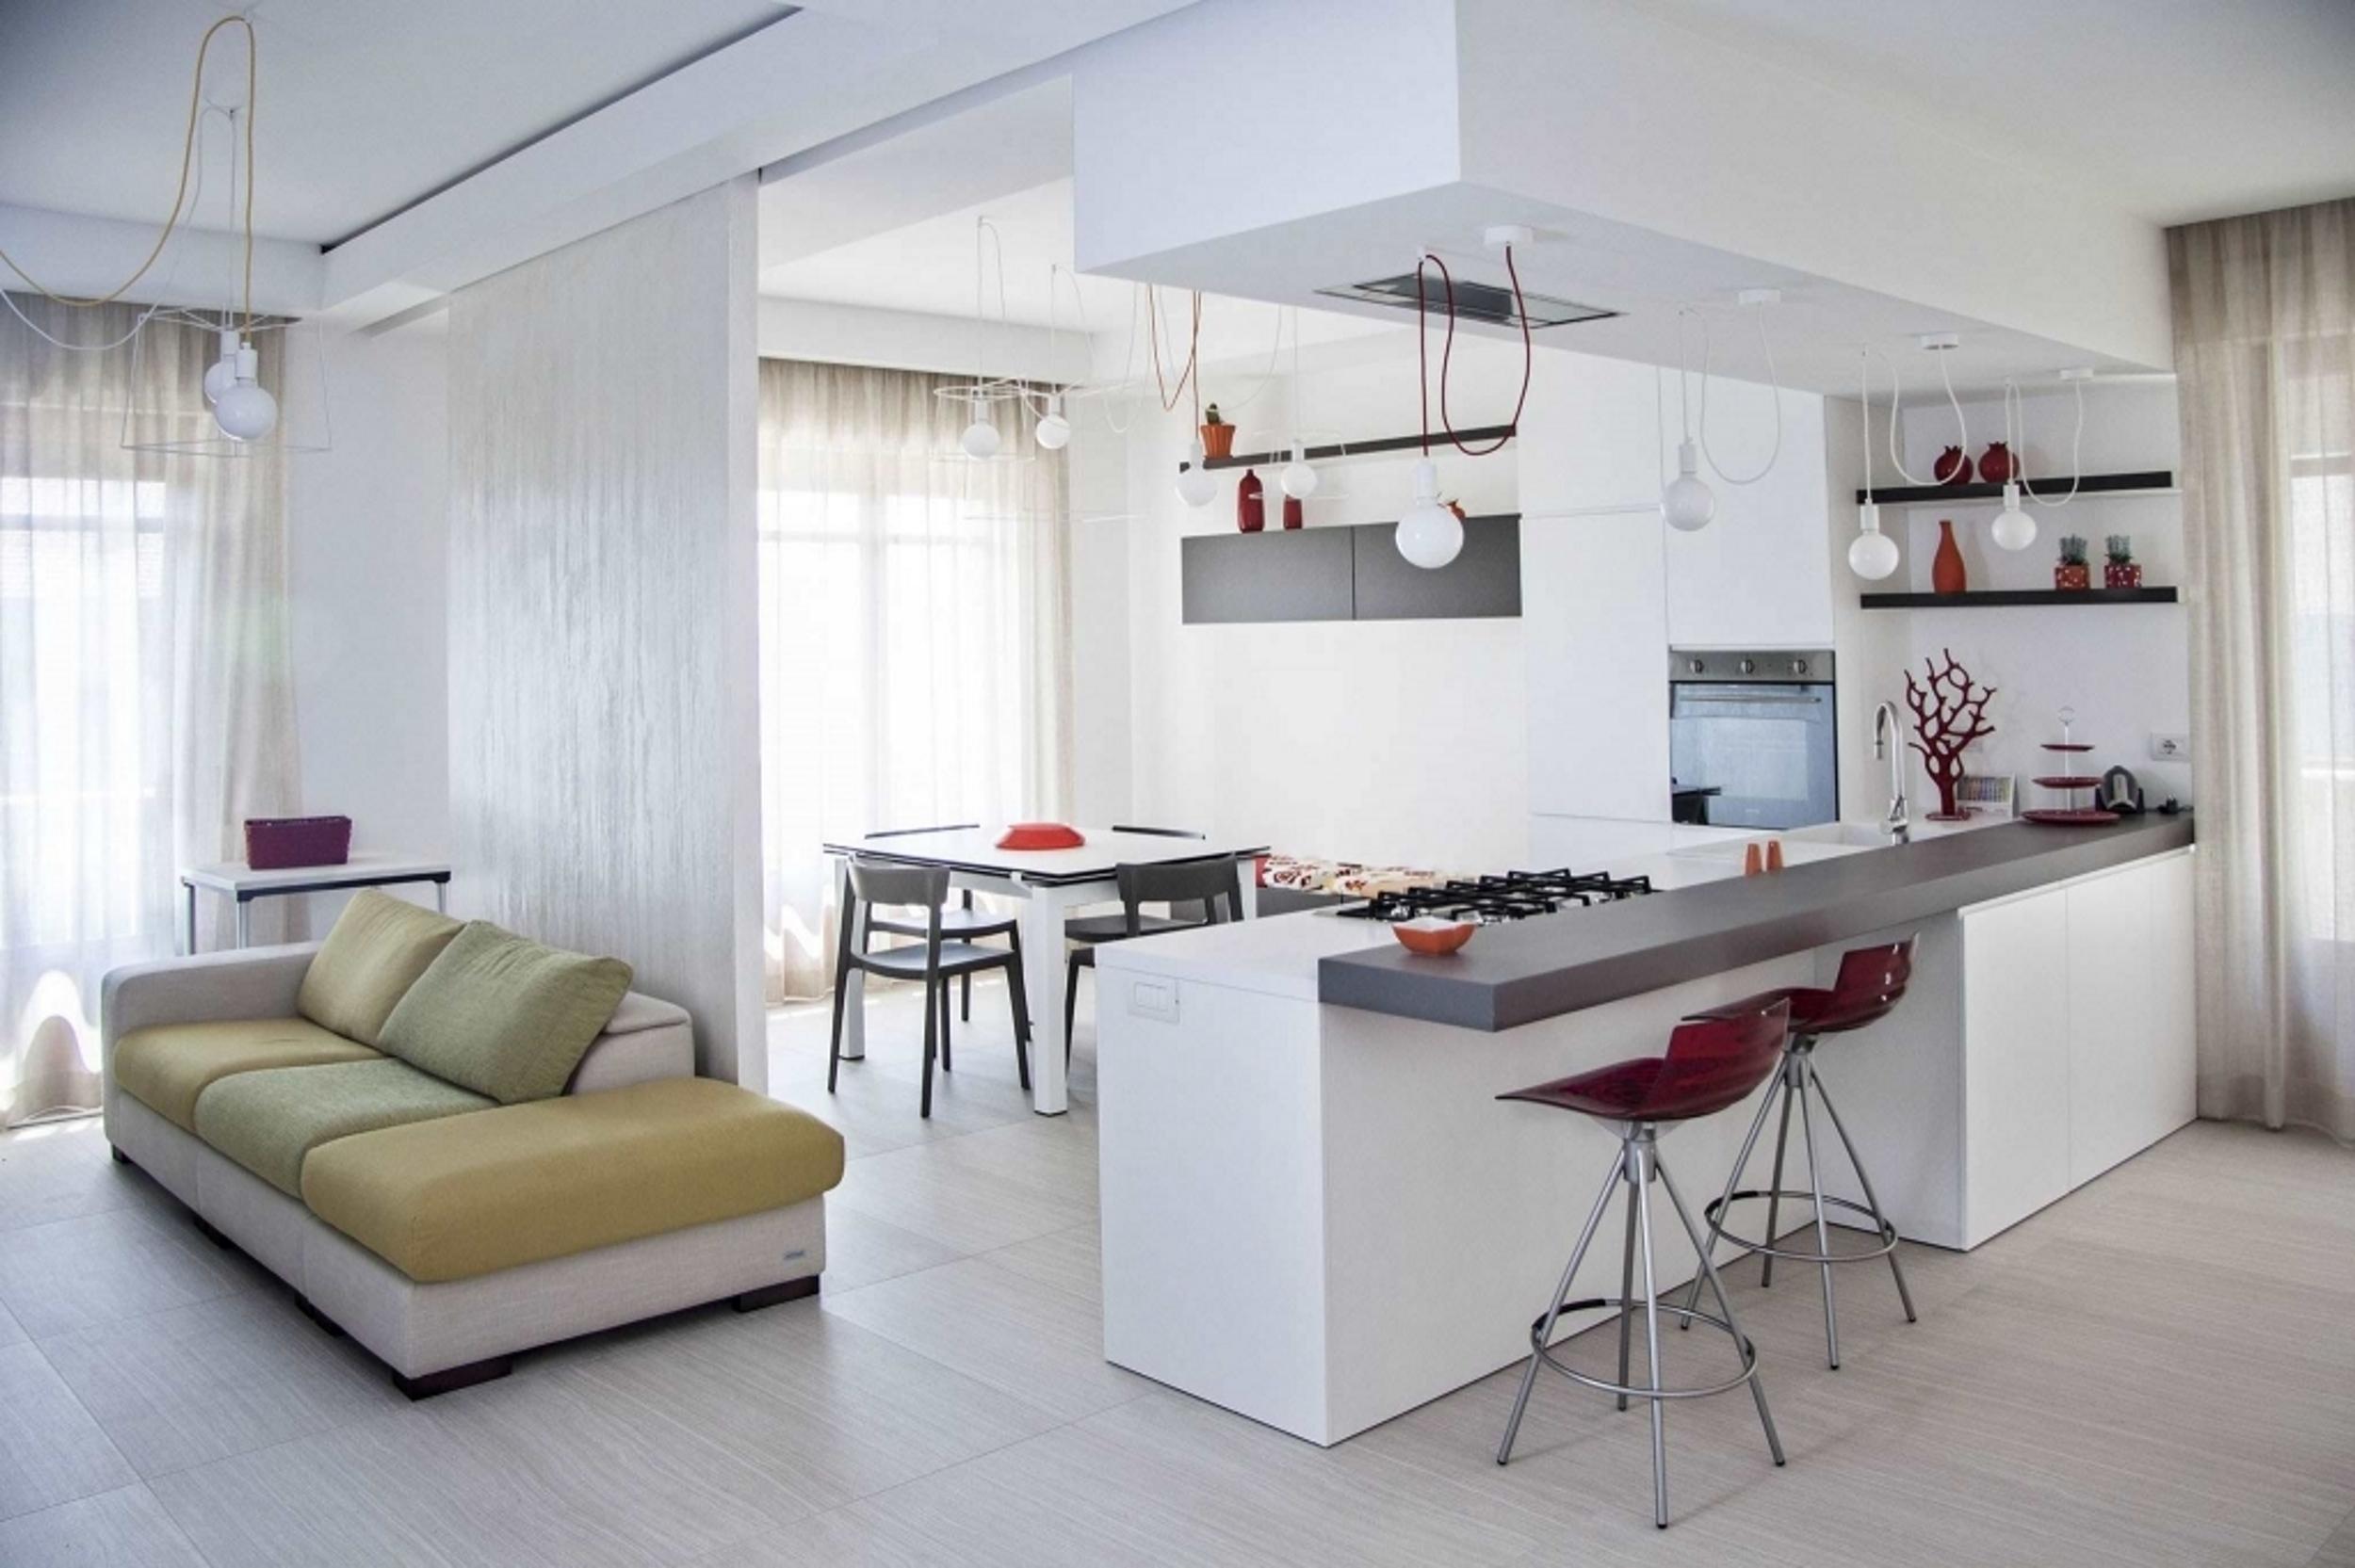 Saonara rif m iv vendesi porzione di trifamiliare errezeta immobiliare - Ristrutturazione interna casa ...